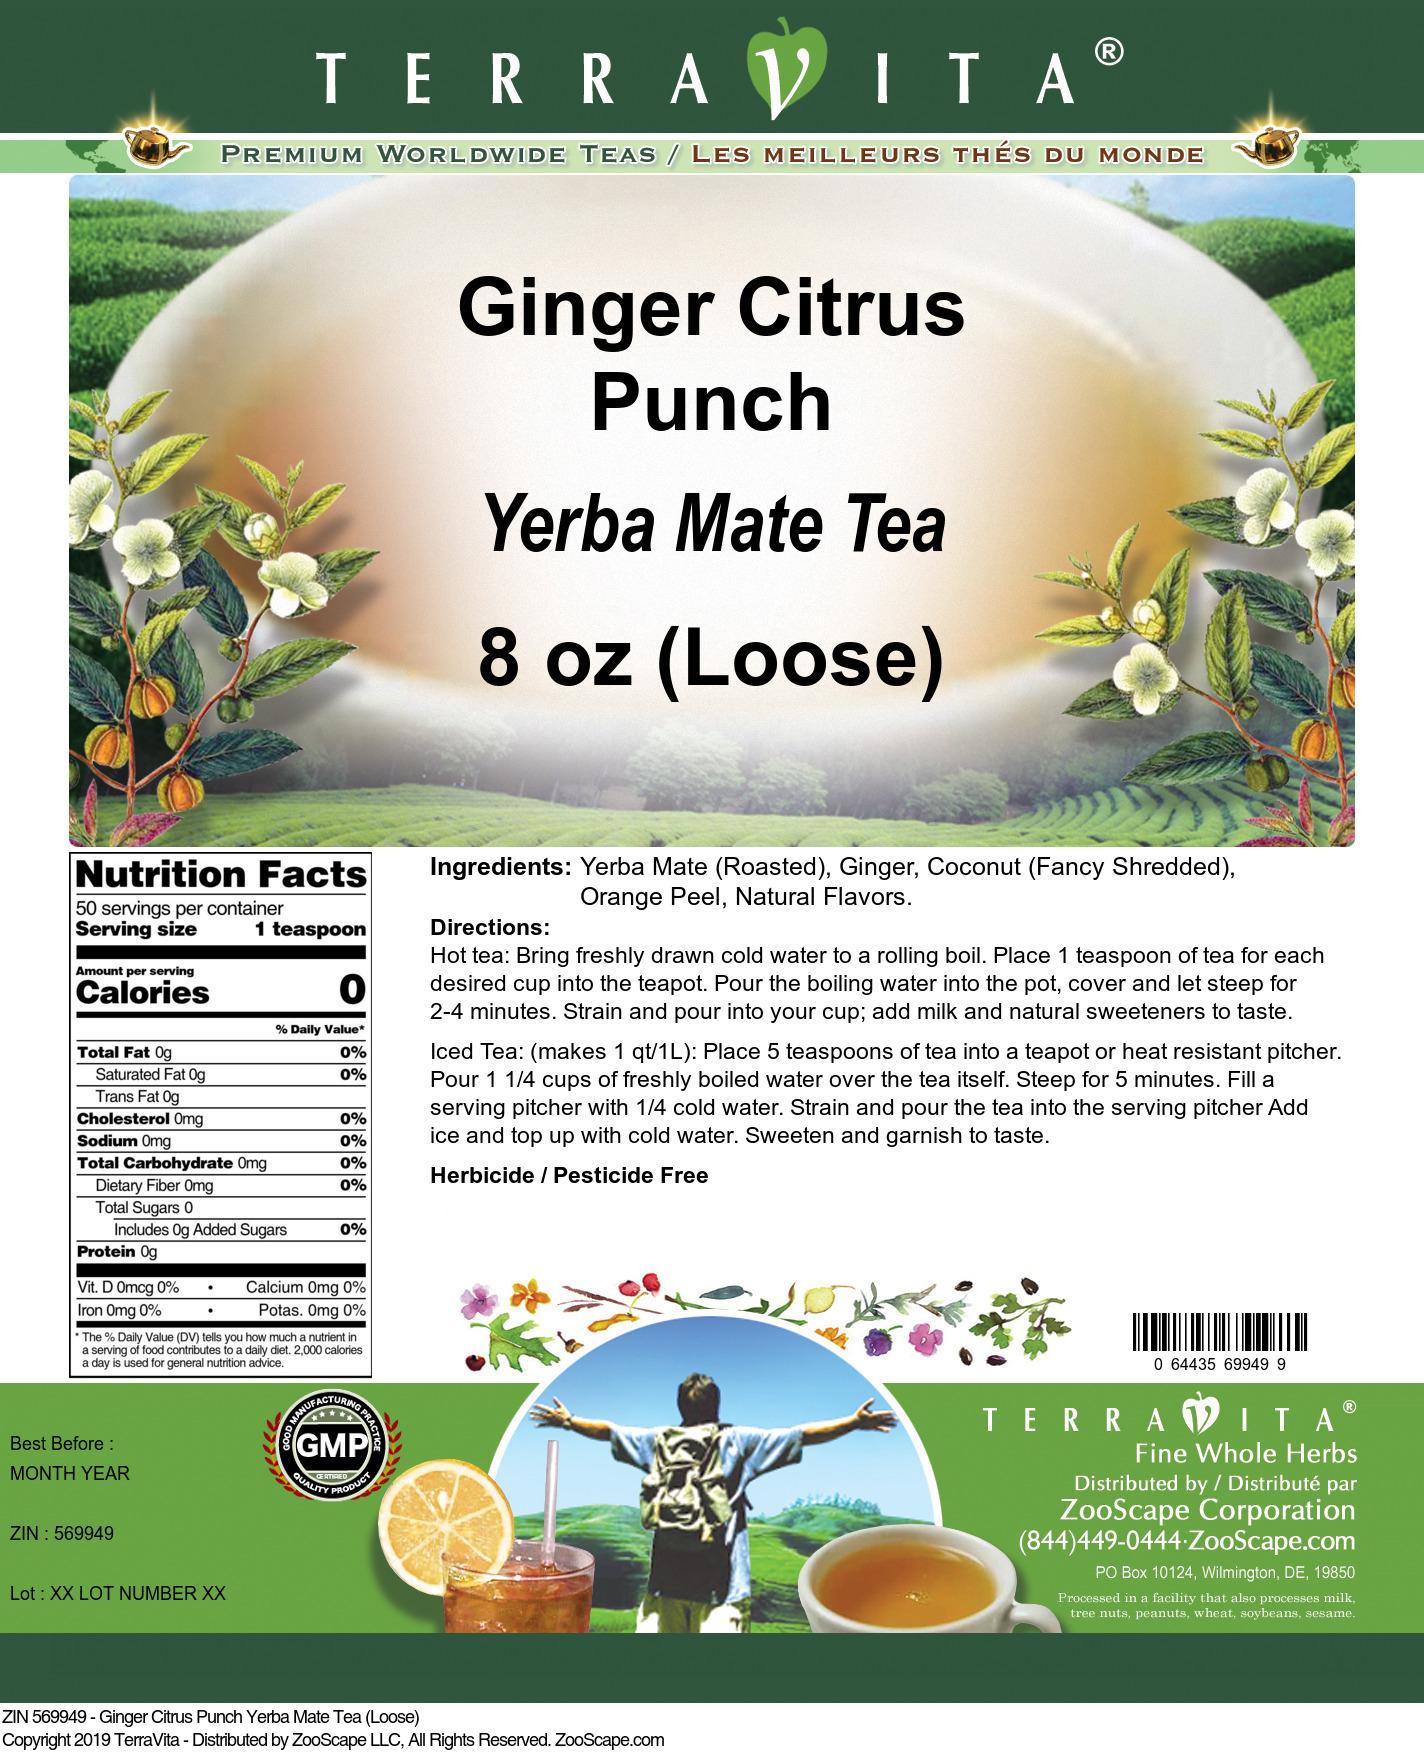 Ginger Citrus Punch Yerba Mate Tea (Loose)